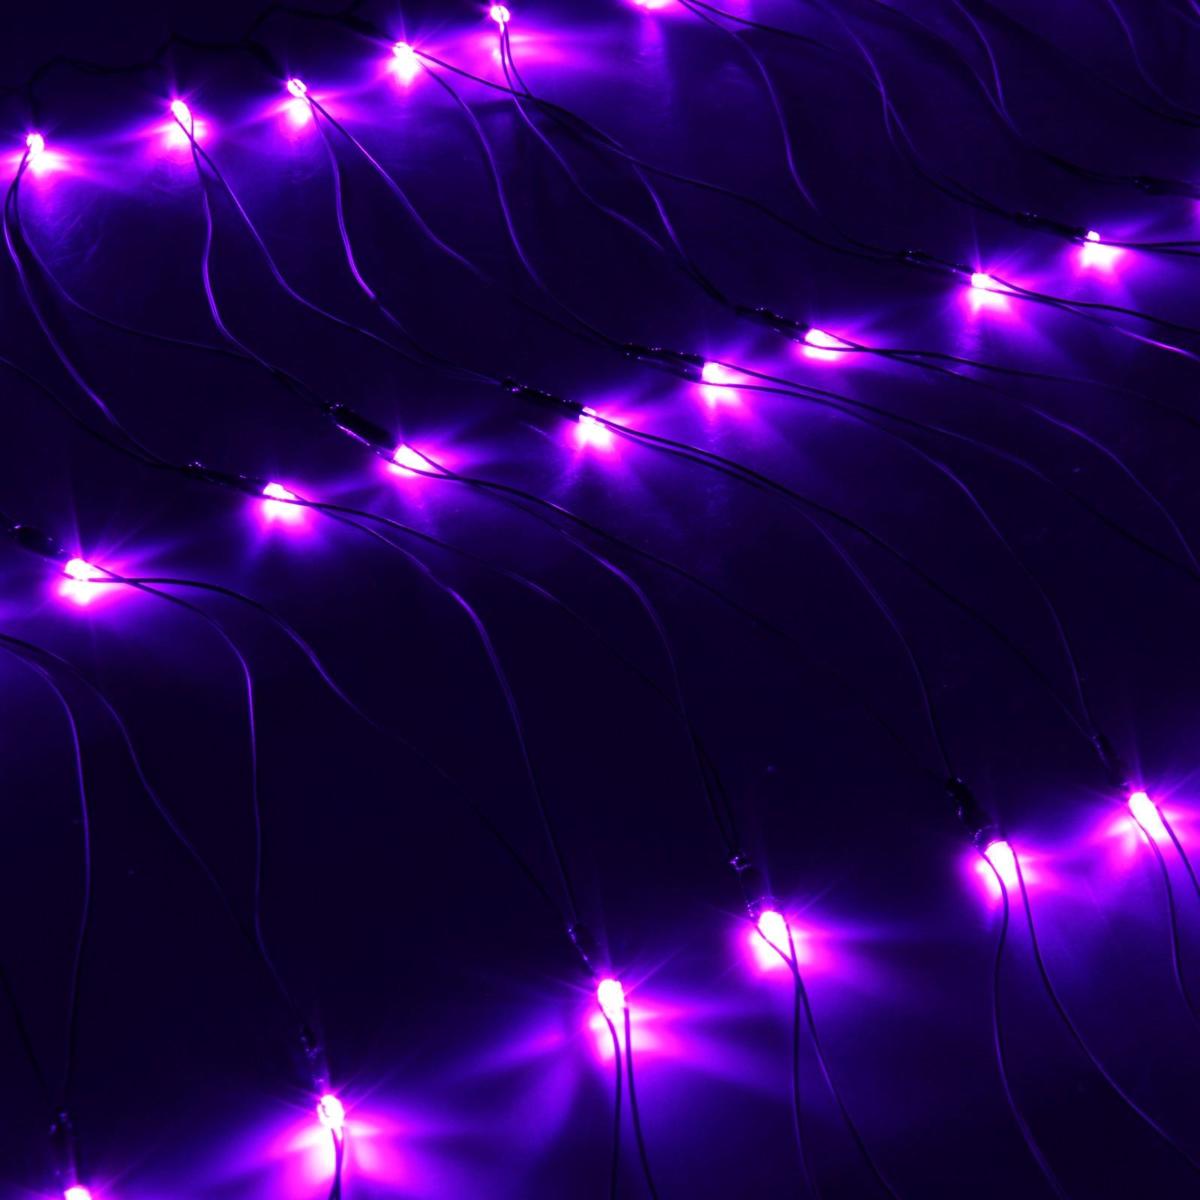 Гирлянда Luazon Сетка, длина 0,7 м, LED 96 ламп, 220V, цвет: фиолетовый. 187203187203Светодиодные гирлянды, ленты и т.д — это отличный вариант для новогоднего оформления интерьера или фасада. С их помощью помещение любого размера можно превратить в праздничный зал, а внешние элементы зданий, украшенные ими, мгновенно станут напоминать очертания сказочного дворца. Такие украшения создают ауру предвкушения чуда. Деревья, фасады, витрины, окна и арки будто специально созданы, чтобы вы украсили их светящимися нитями.